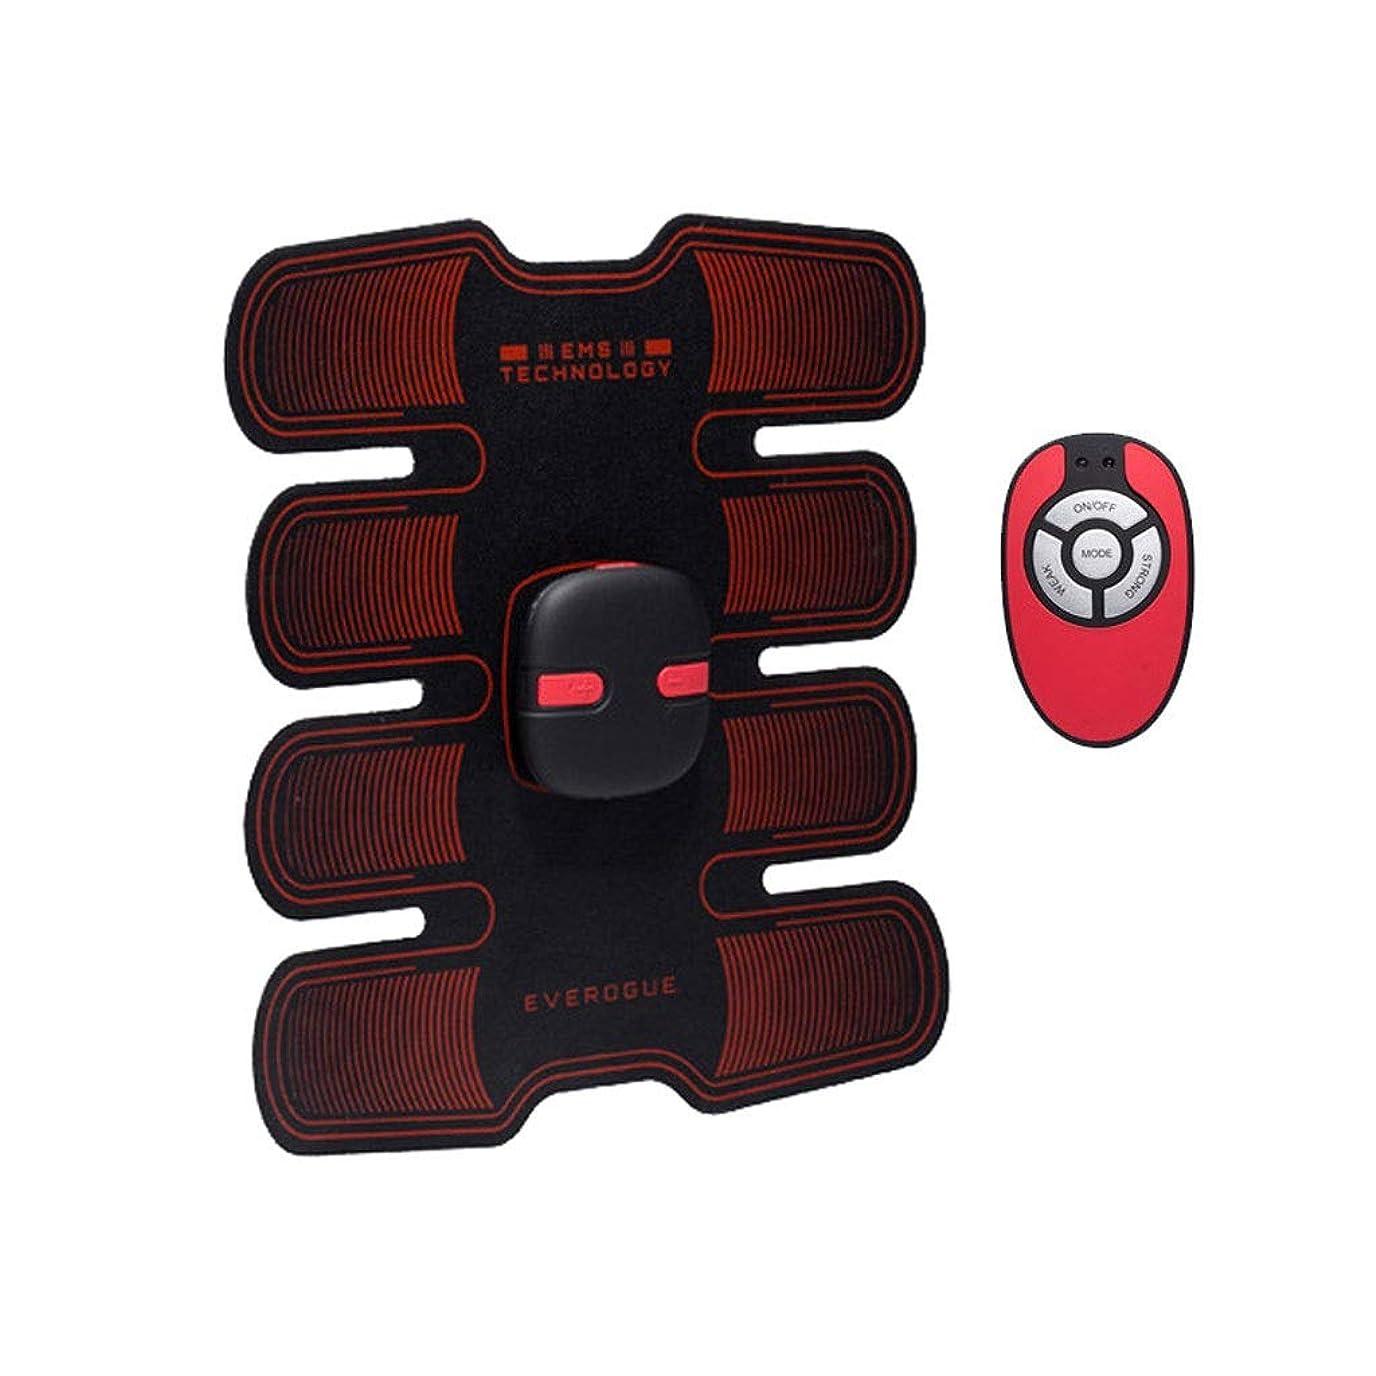 言い直すホップ不愉快にフィットネストレーニングギア、リモコン付きEMS筋肉刺激装置USB充電式究極の腹部刺激装置 - 男性用女性用筋肉トナー (Size : A)